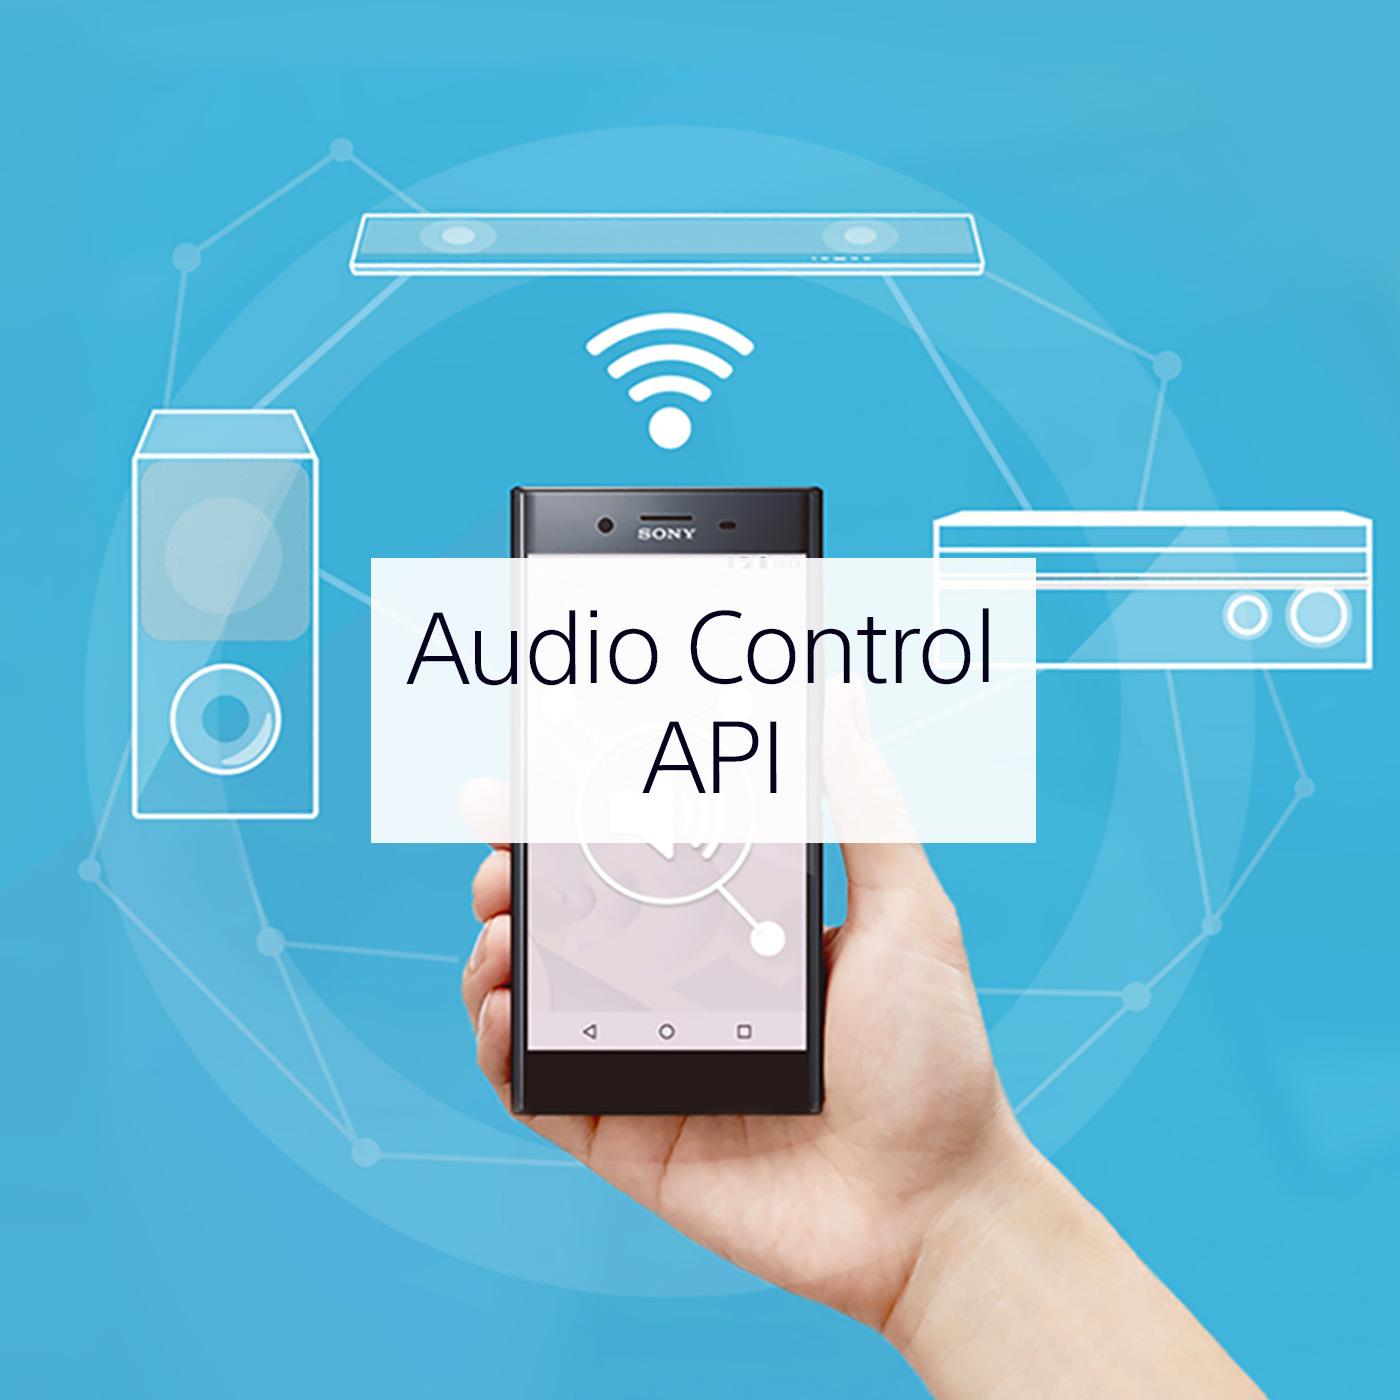 Audio Control API